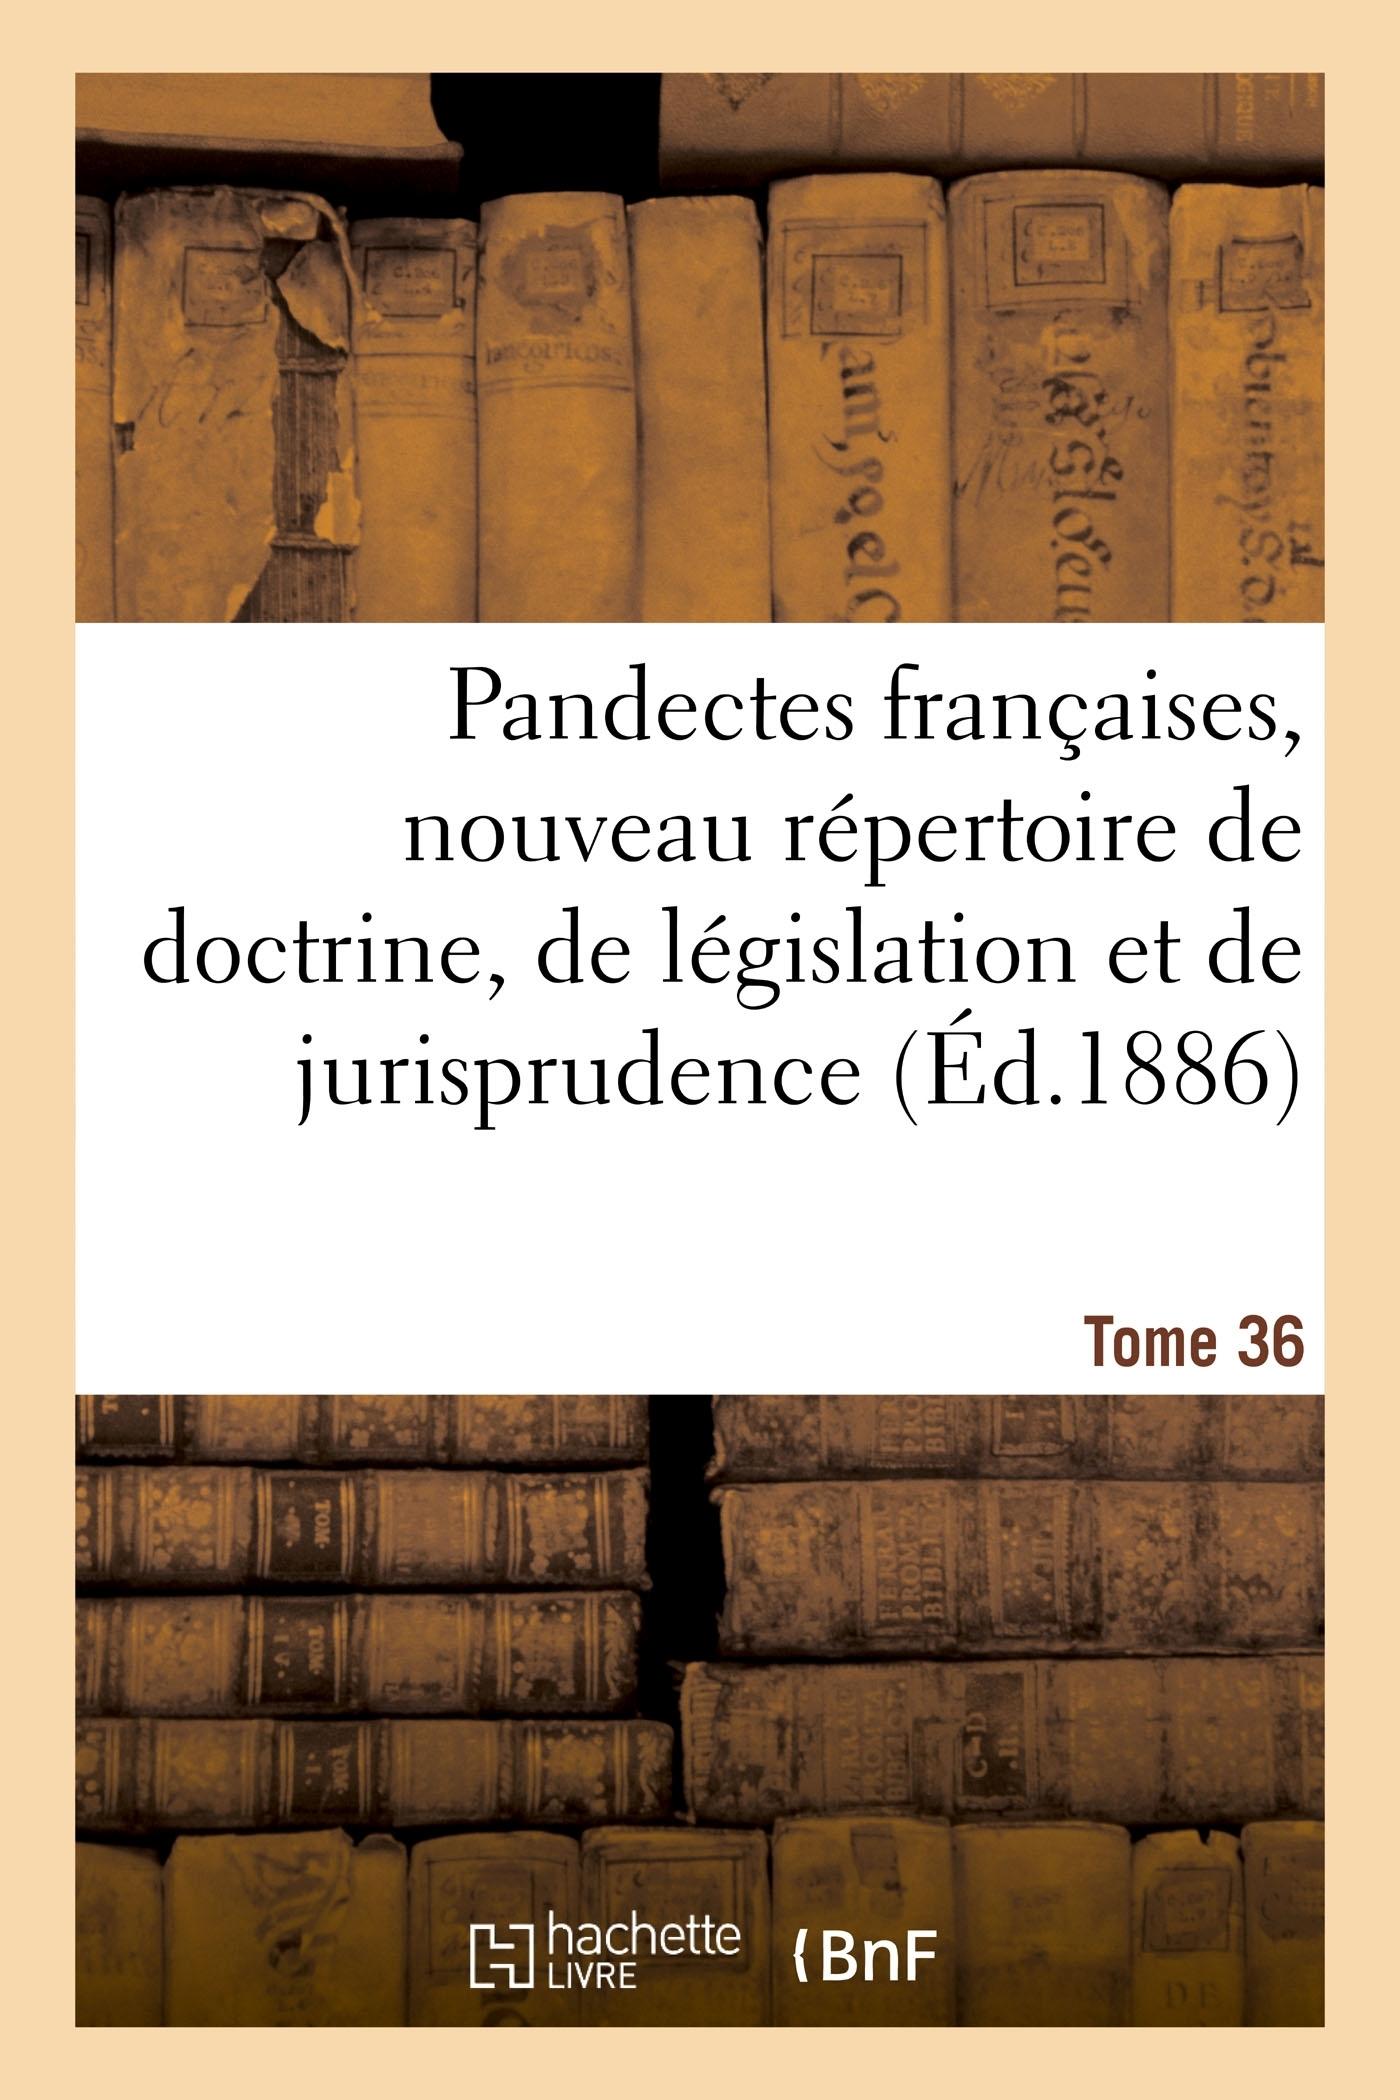 PANDECTES FRANCAISES, NOUVEAU REPERTOIRE DE DOCTRINE, DE LEGISLATION ET DE JURISPRUDENCE - TOME 36.